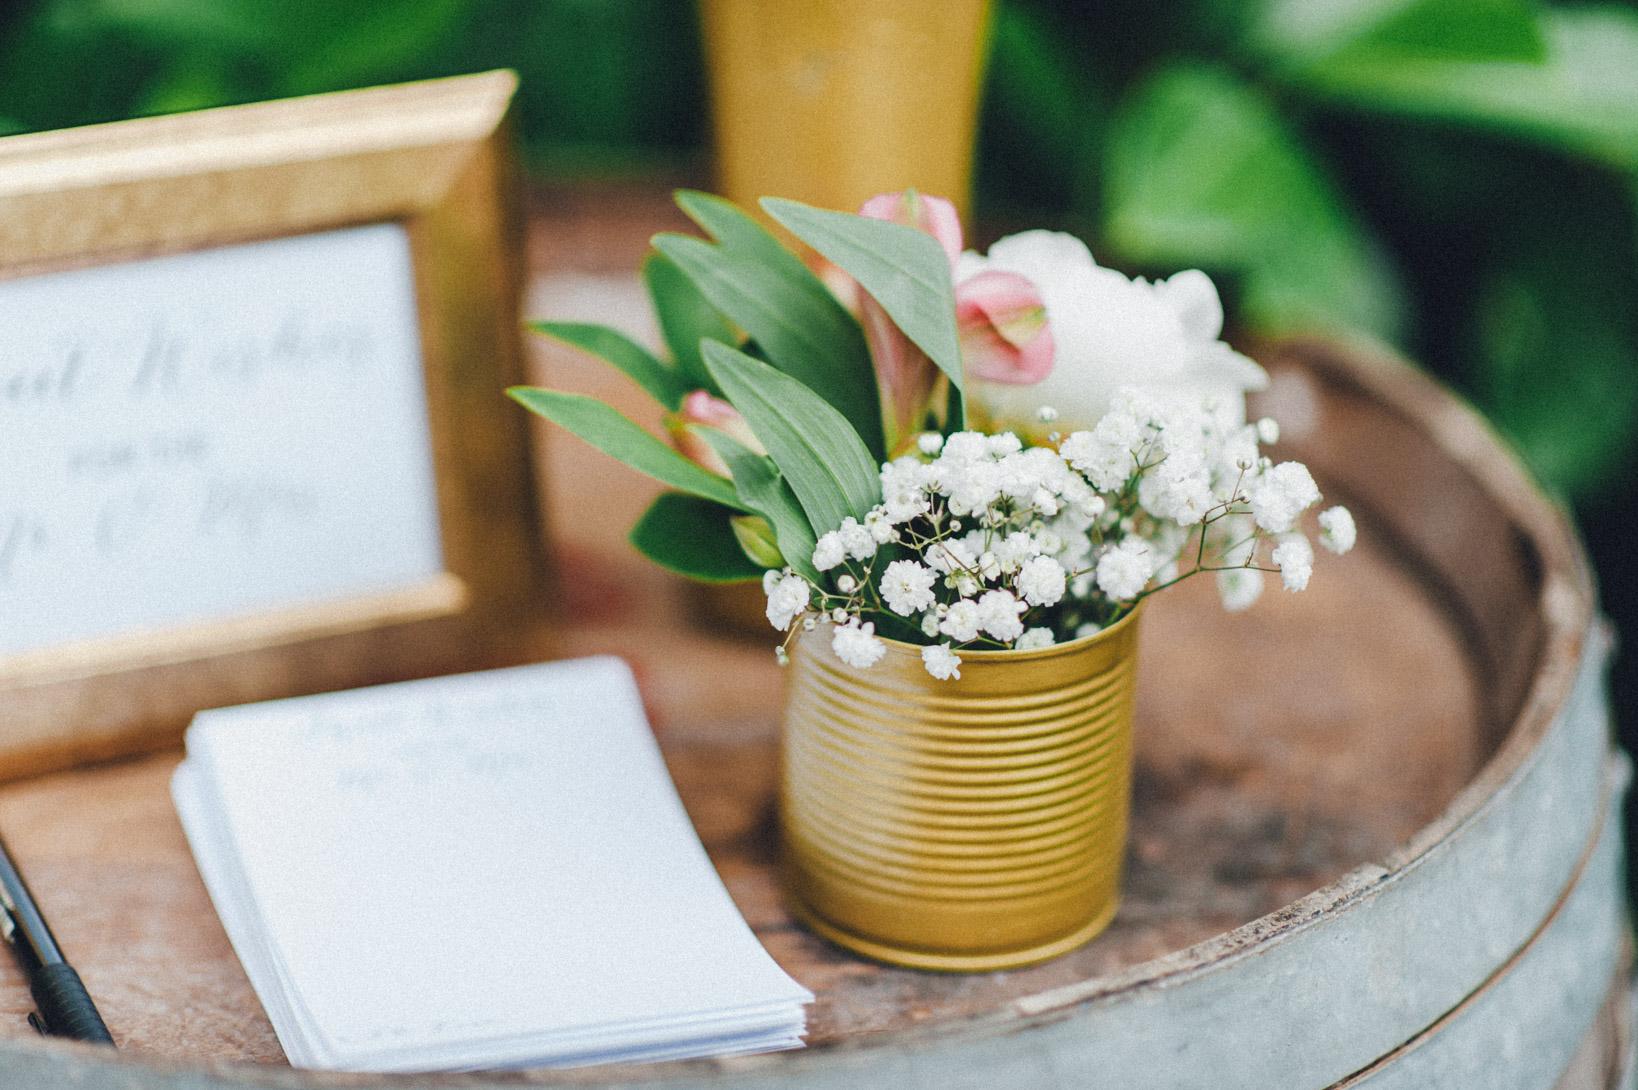 DIY-Hochzeit-gold-VW-Bully-32 Janet & Pierre DIY Midsummer-Wedding in Gold mit VW BulliDIY Hochzeit gold VW Bully 32